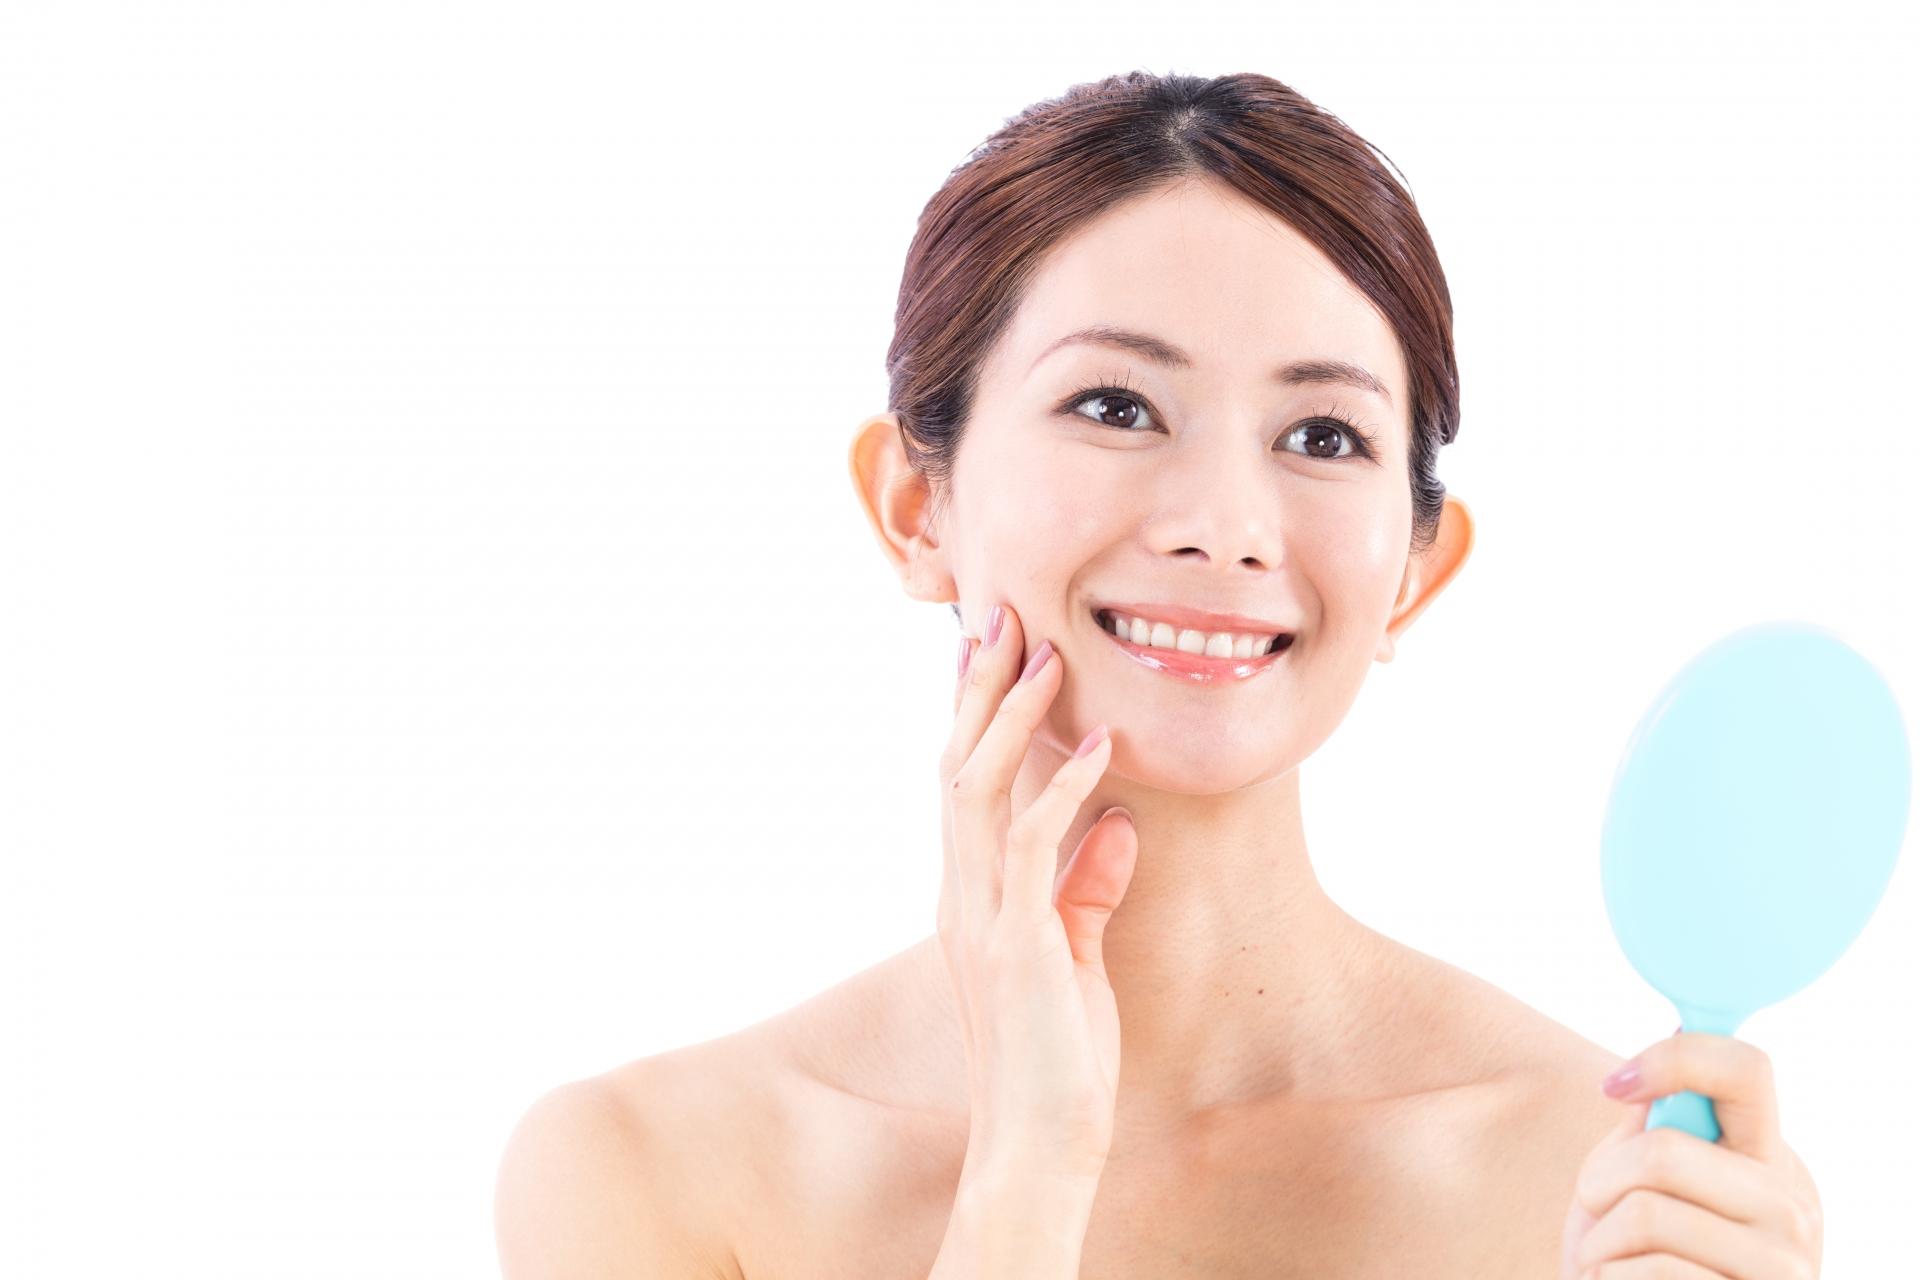 歯並びの綺麗な女性